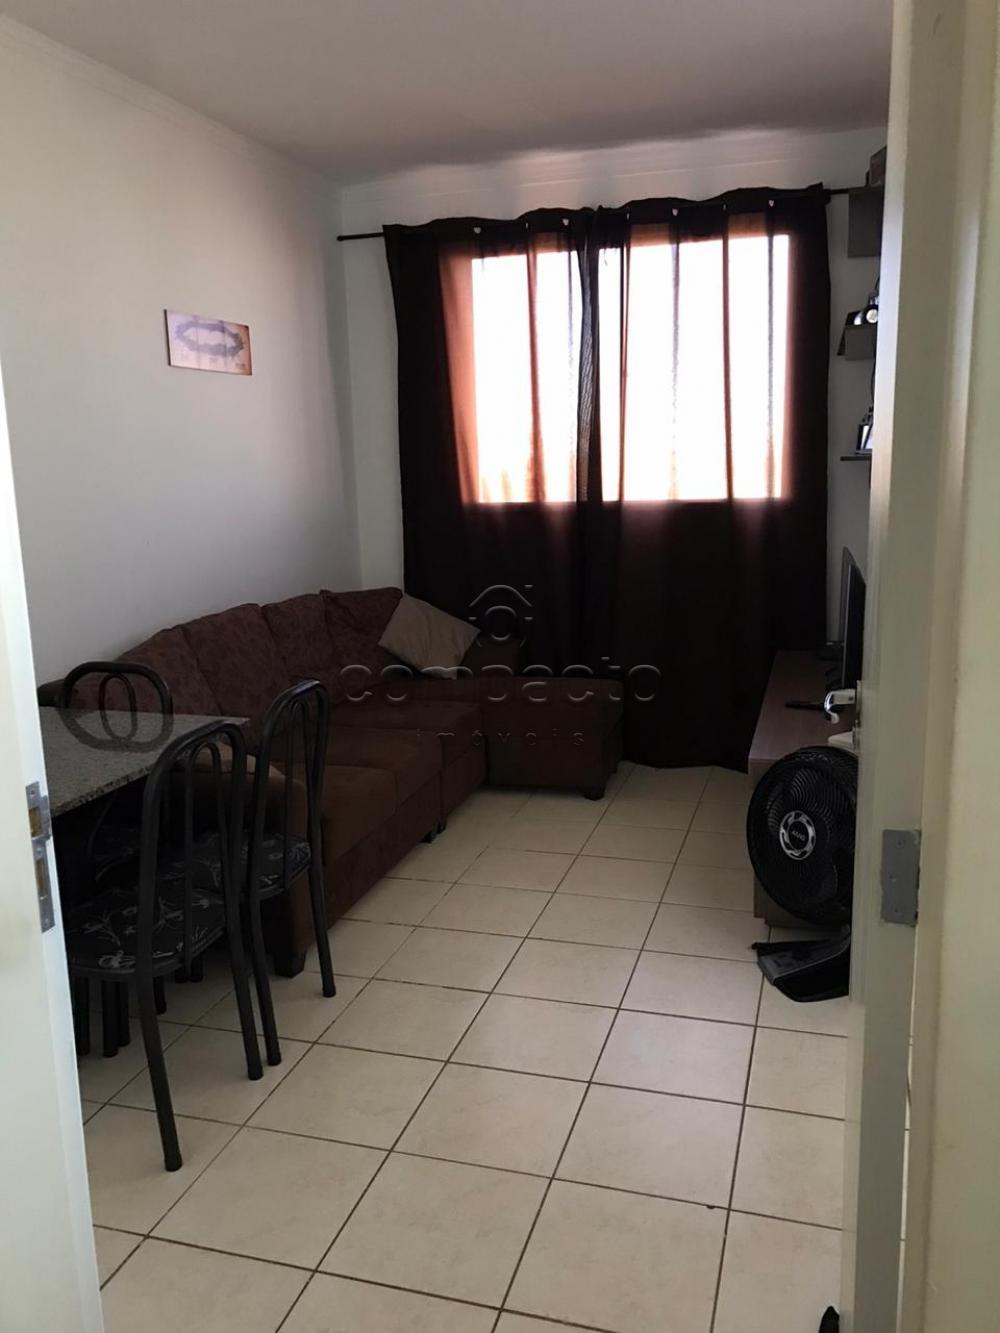 Comprar Apartamento / Padrão em São José do Rio Preto apenas R$ 155.000,00 - Foto 1